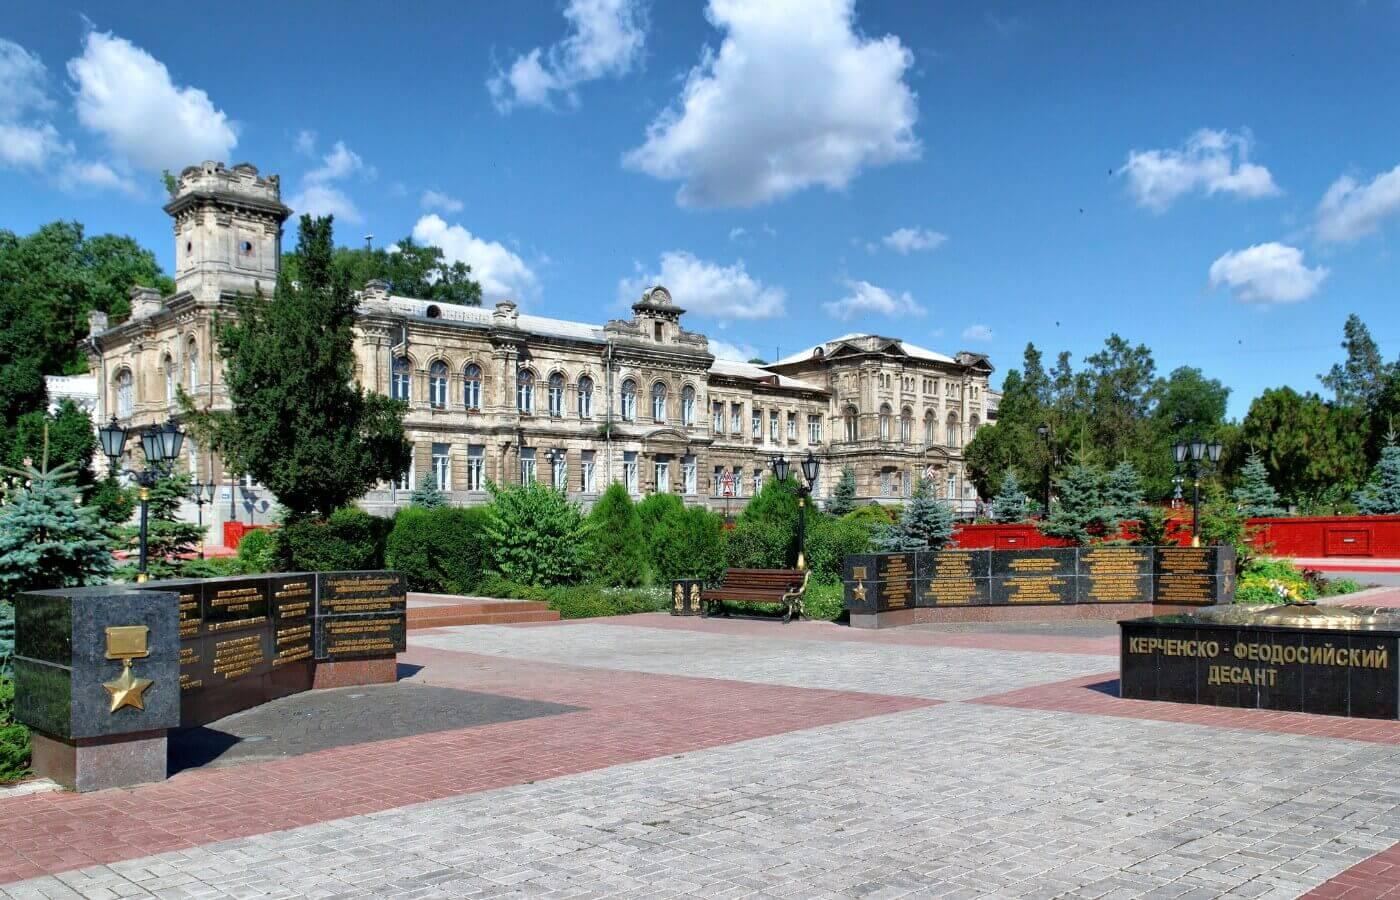 Экскурсия из Анапы по Крымскому мосту в город Керчь